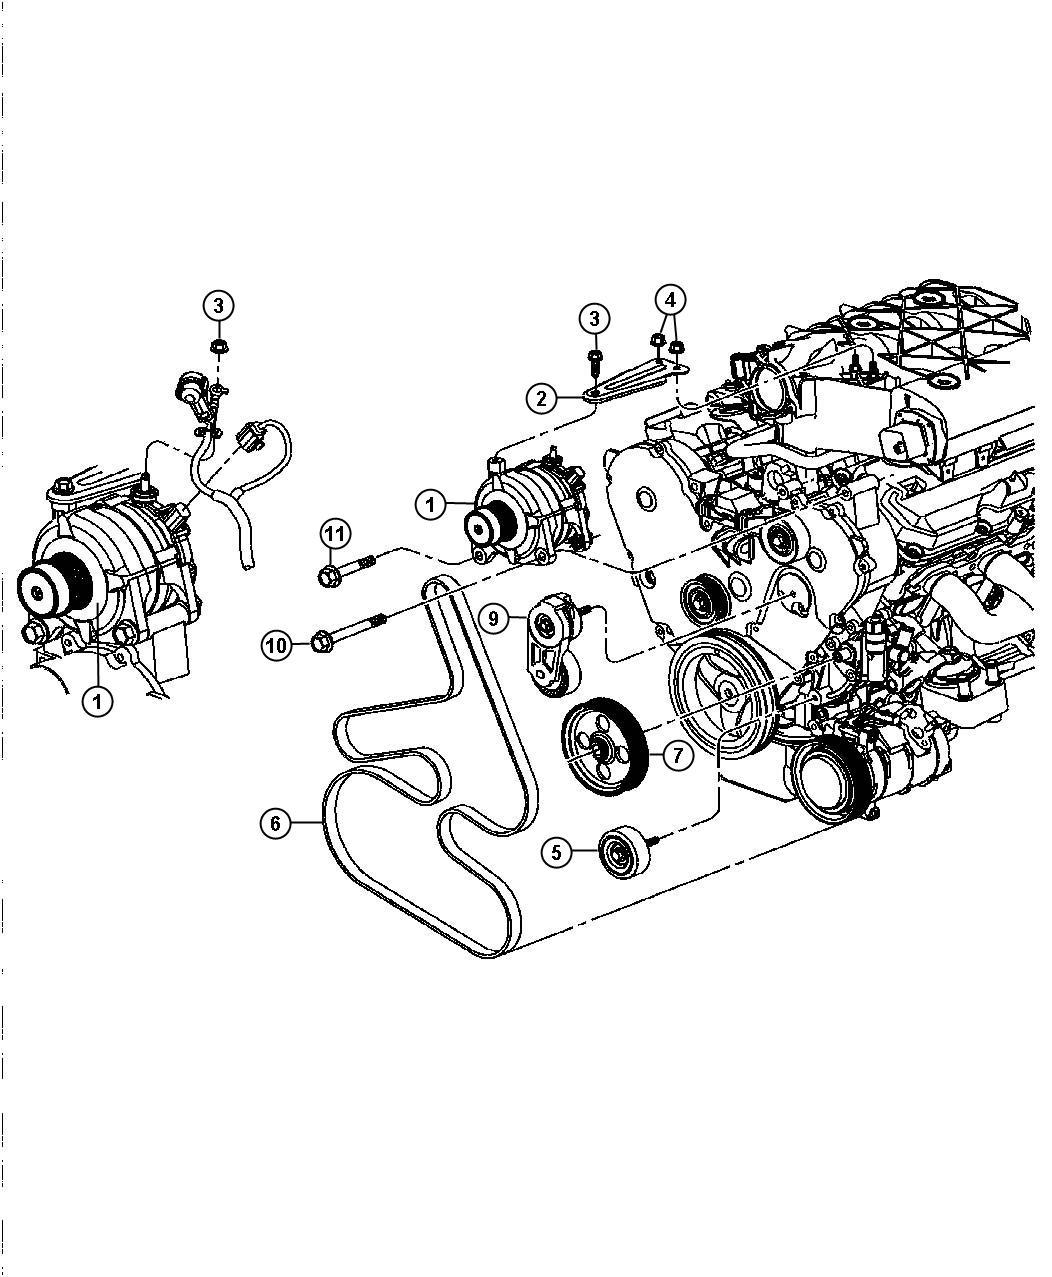 2005 chrysler generator engine alternator 160 amp. Black Bedroom Furniture Sets. Home Design Ideas